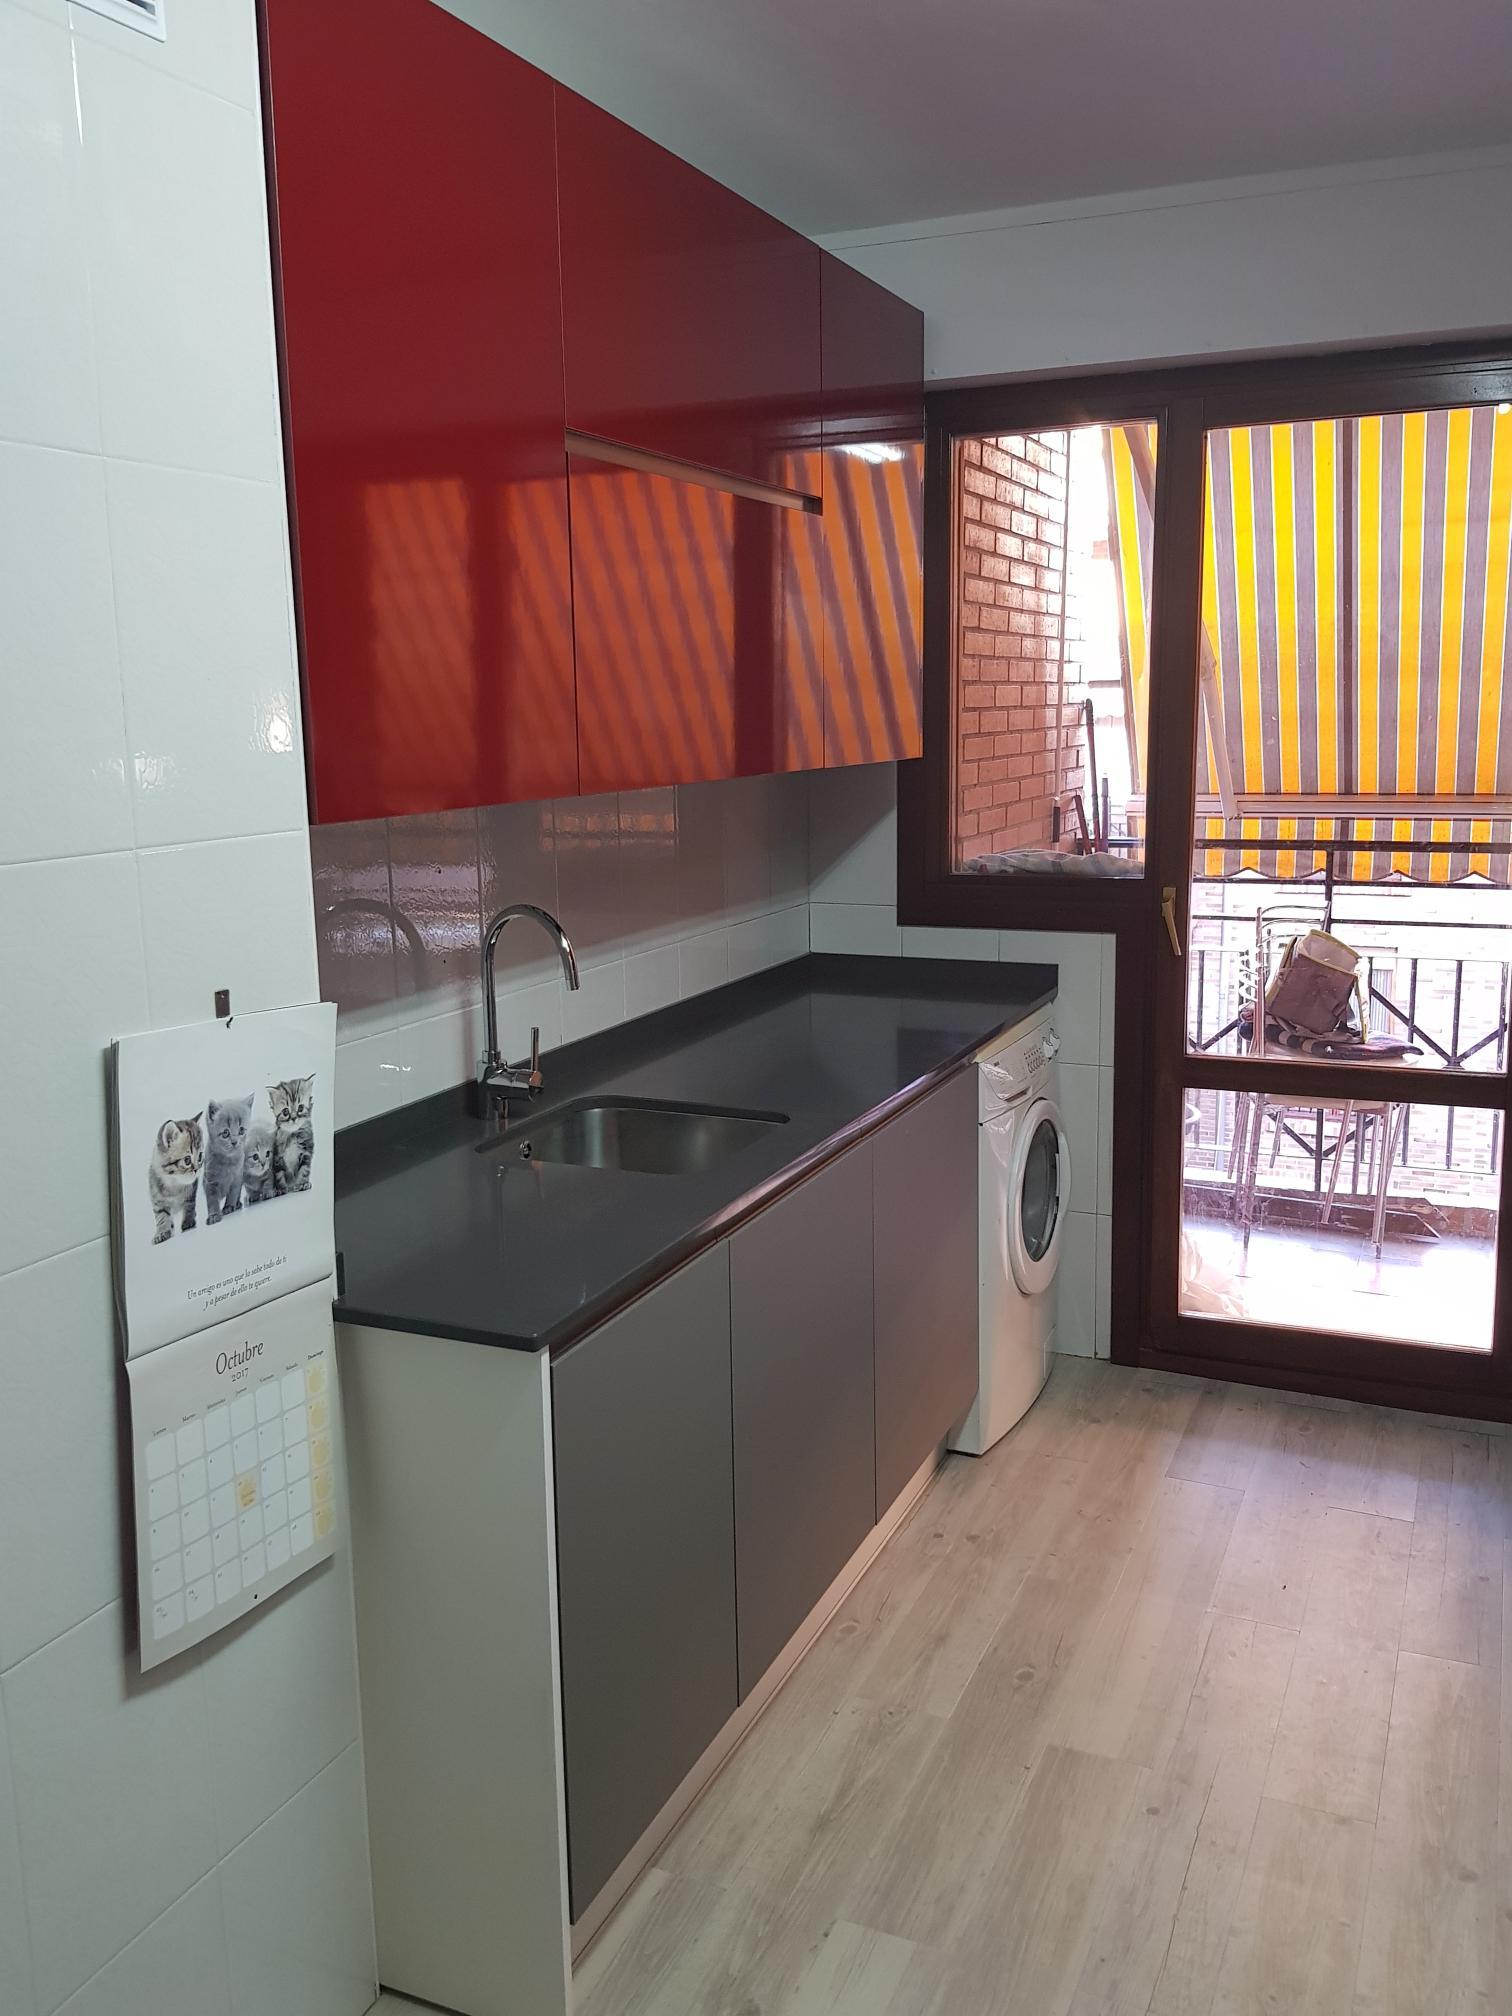 Diseños de Cocinas en Guipuzcoa | Cocinas Zurione